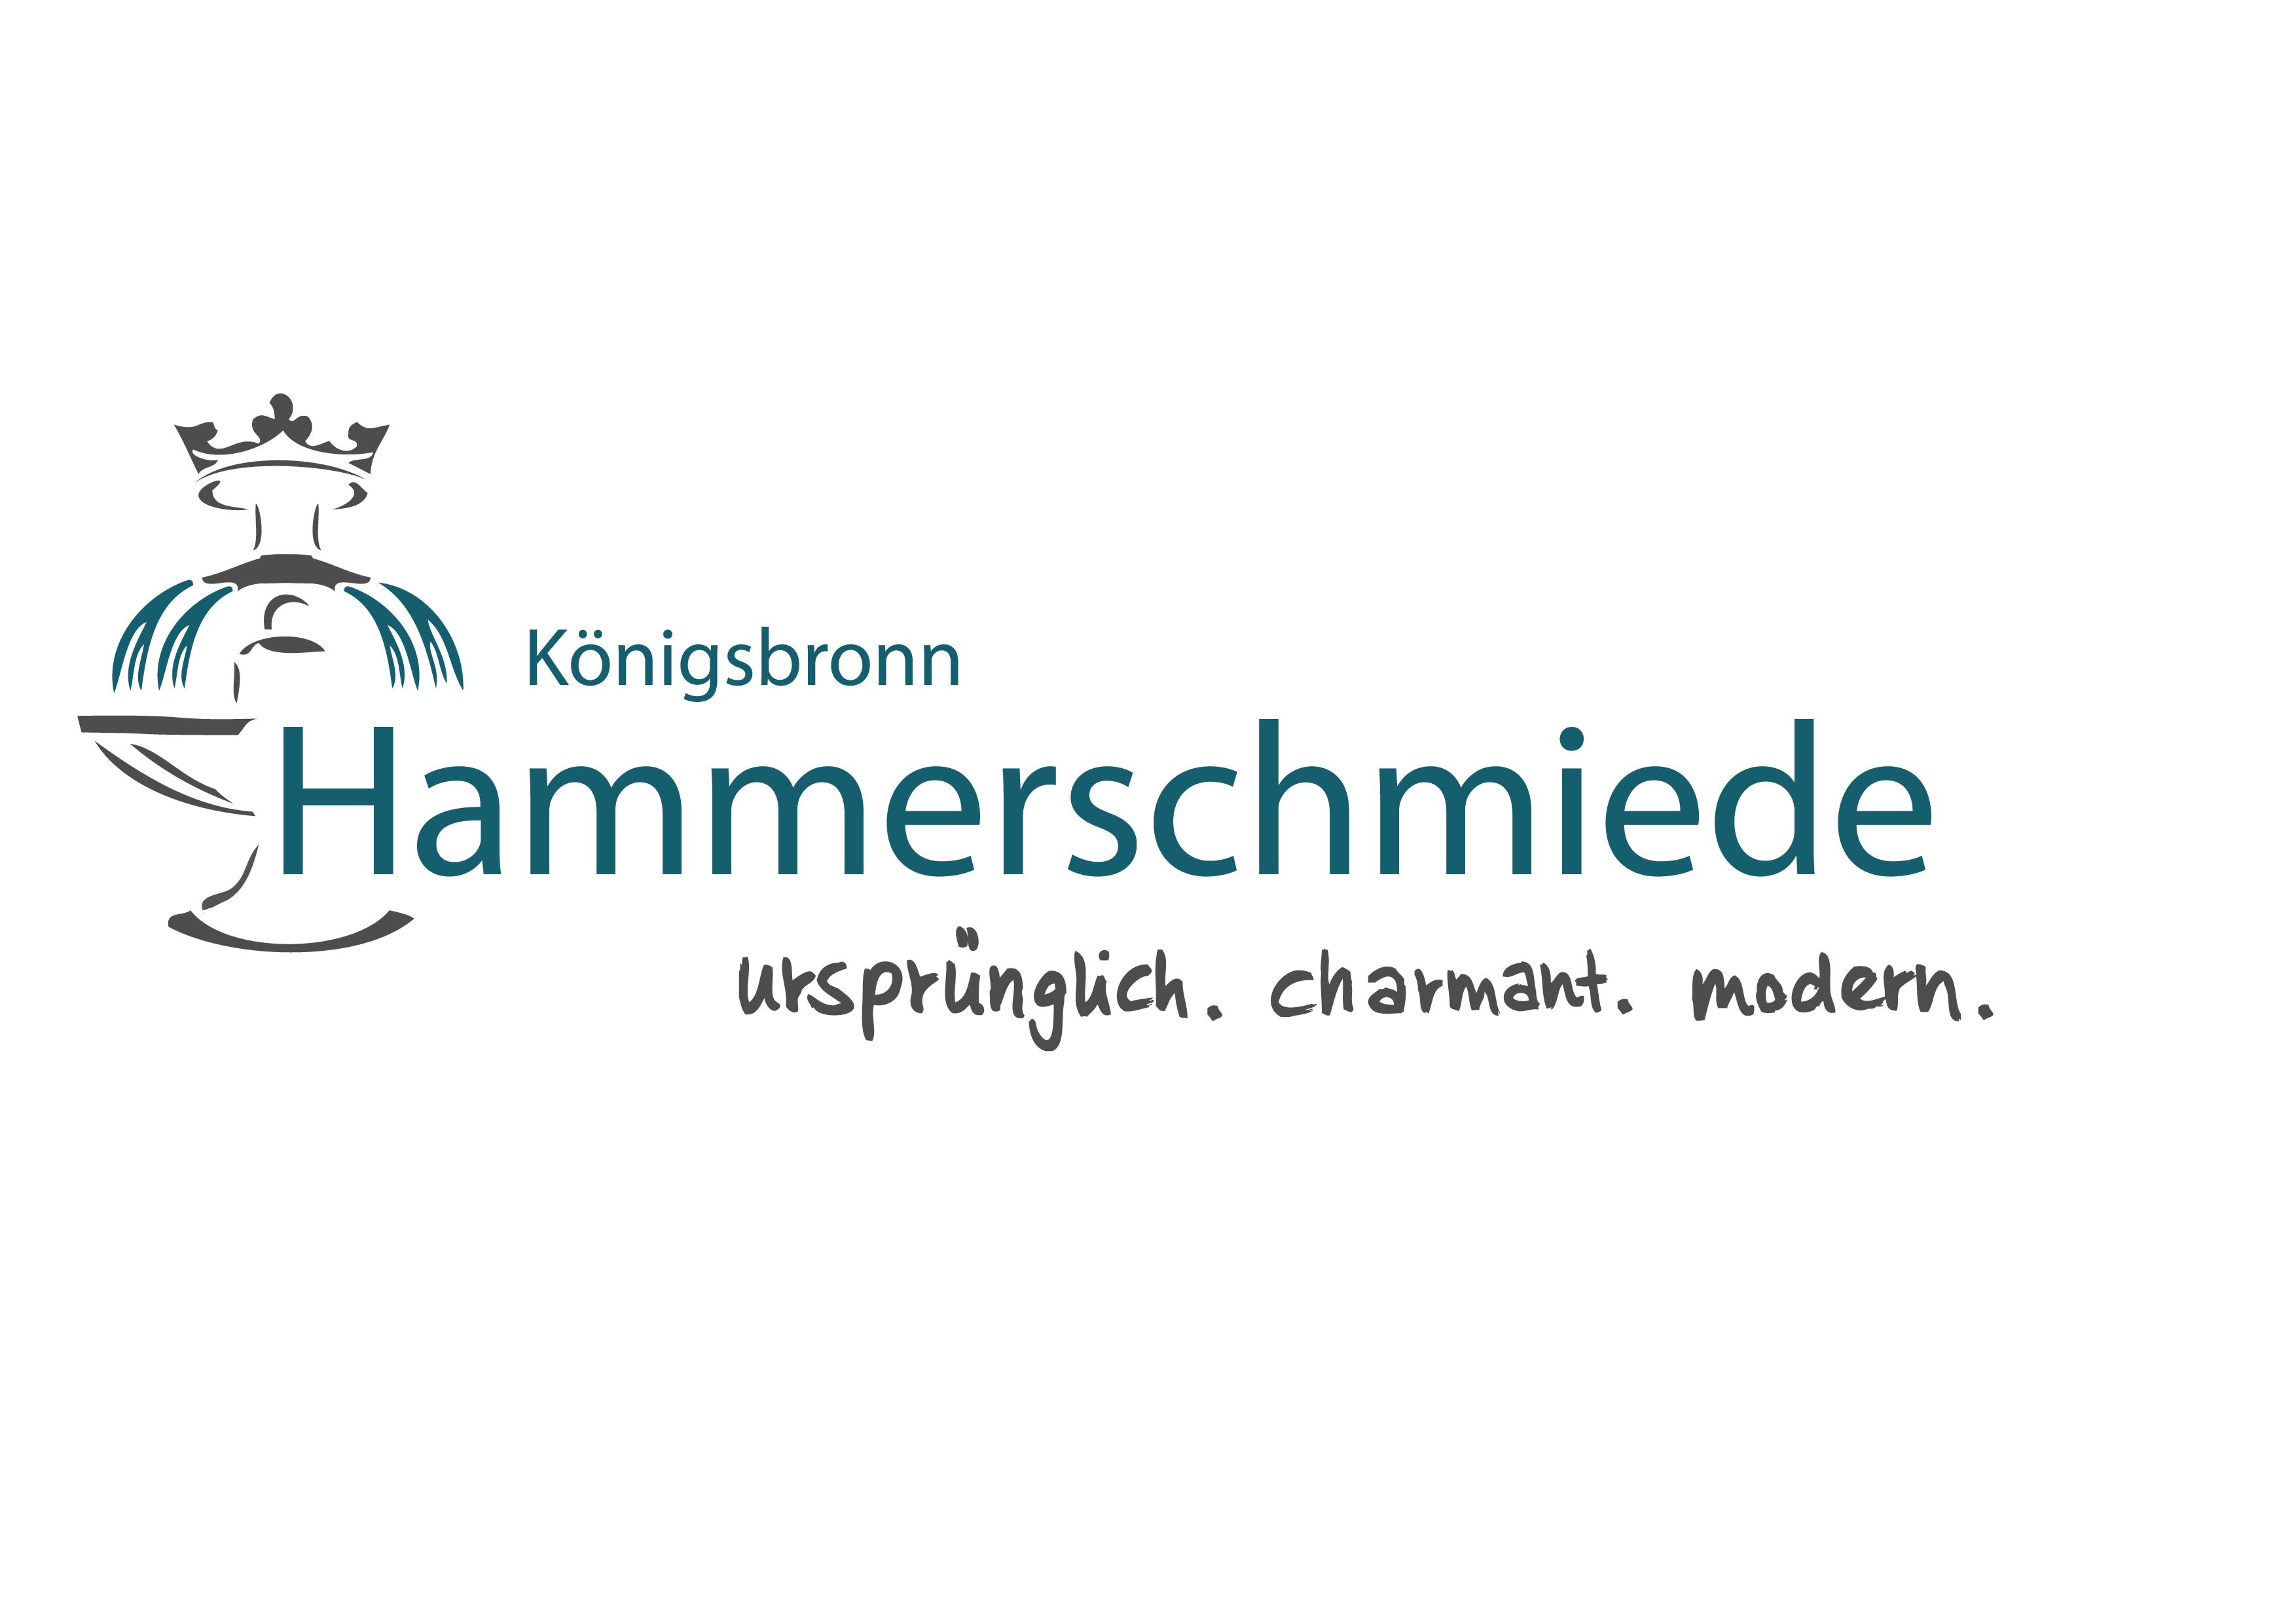 logo_hammerschmiede_klein